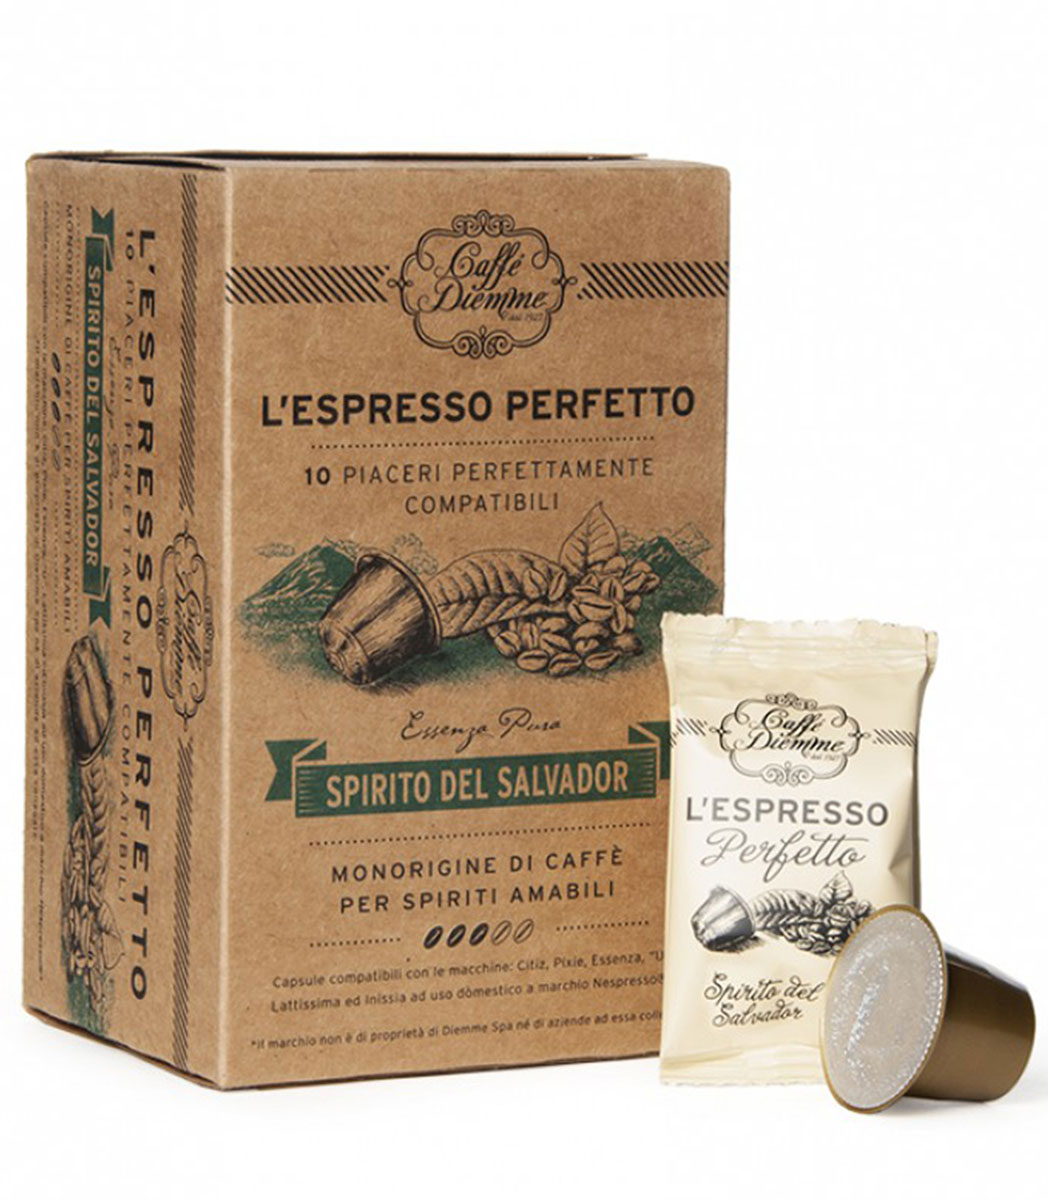 Diemme Caffe Spirito del Salvador кофе в капсулах, 10 шт0120710Diemme Caffe Spirito del Salvador - наиболее легкий аромат, являющийся результатом уникальной селекции произрастающего в Сальвадоре сорта Арабика Лавата. Его кисловатый привкус очень хорошо сочетается с какао, и полученный таким образом свежий и деликатный вкус делает этот кофе идеальным в любой момент дня.